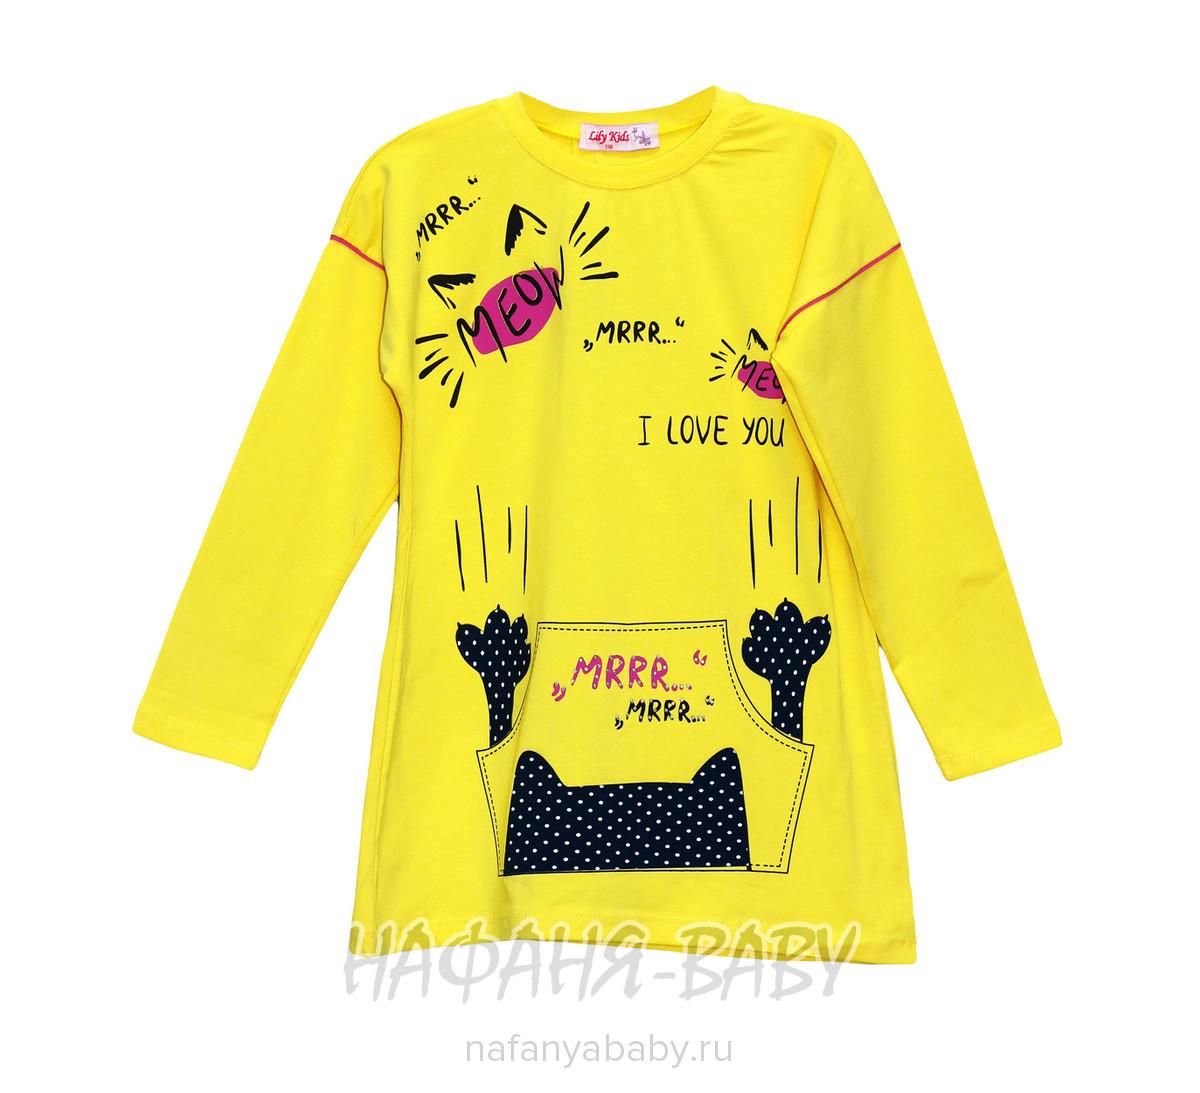 Трикотажная туника с длинным рукавом LILI KIDS арт: 2323, 5-9 лет, цвет желтый, оптом Турция